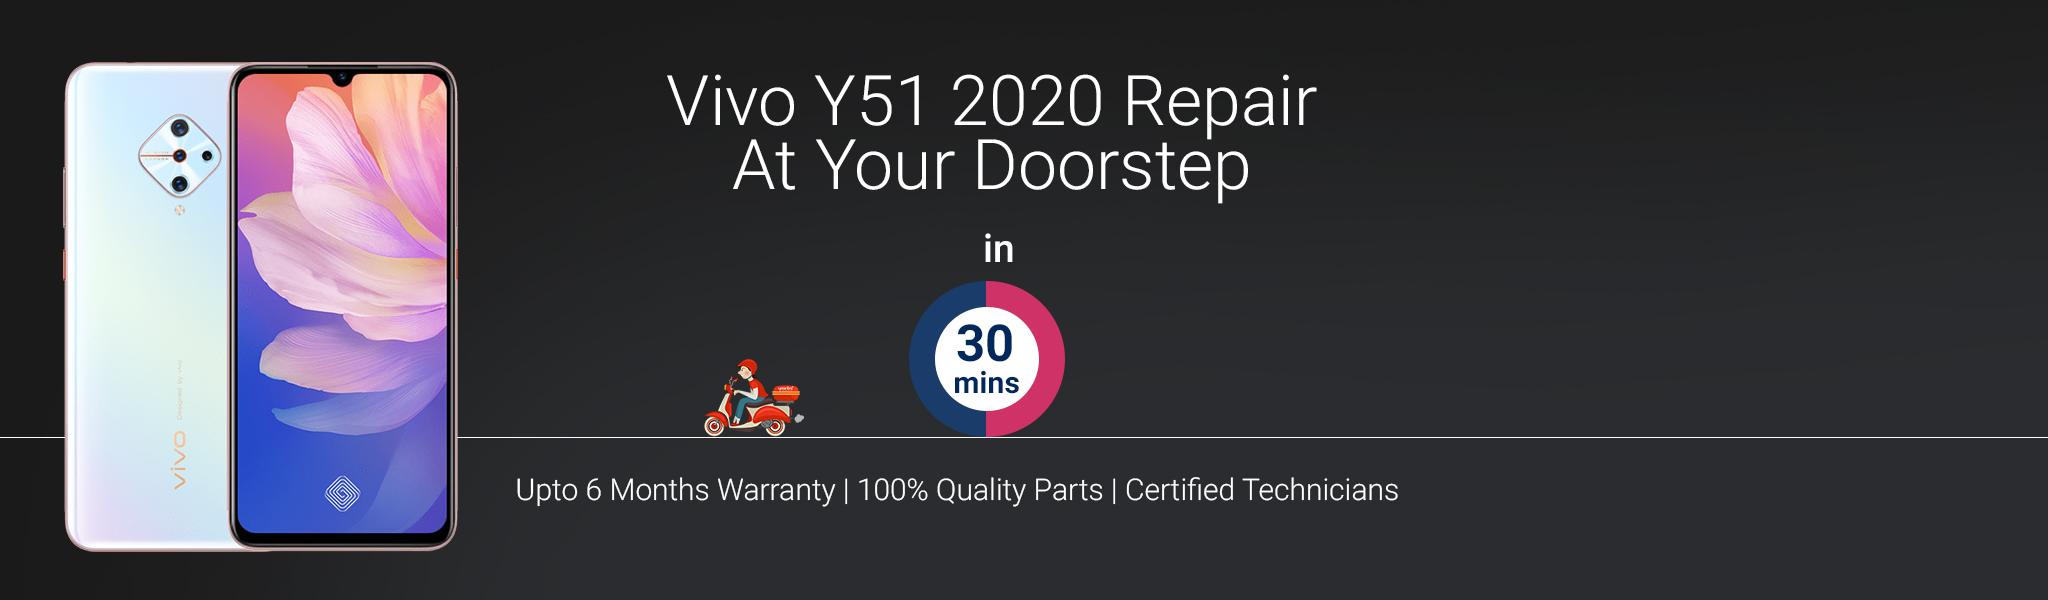 vivo-y51-2020-repair.jpg